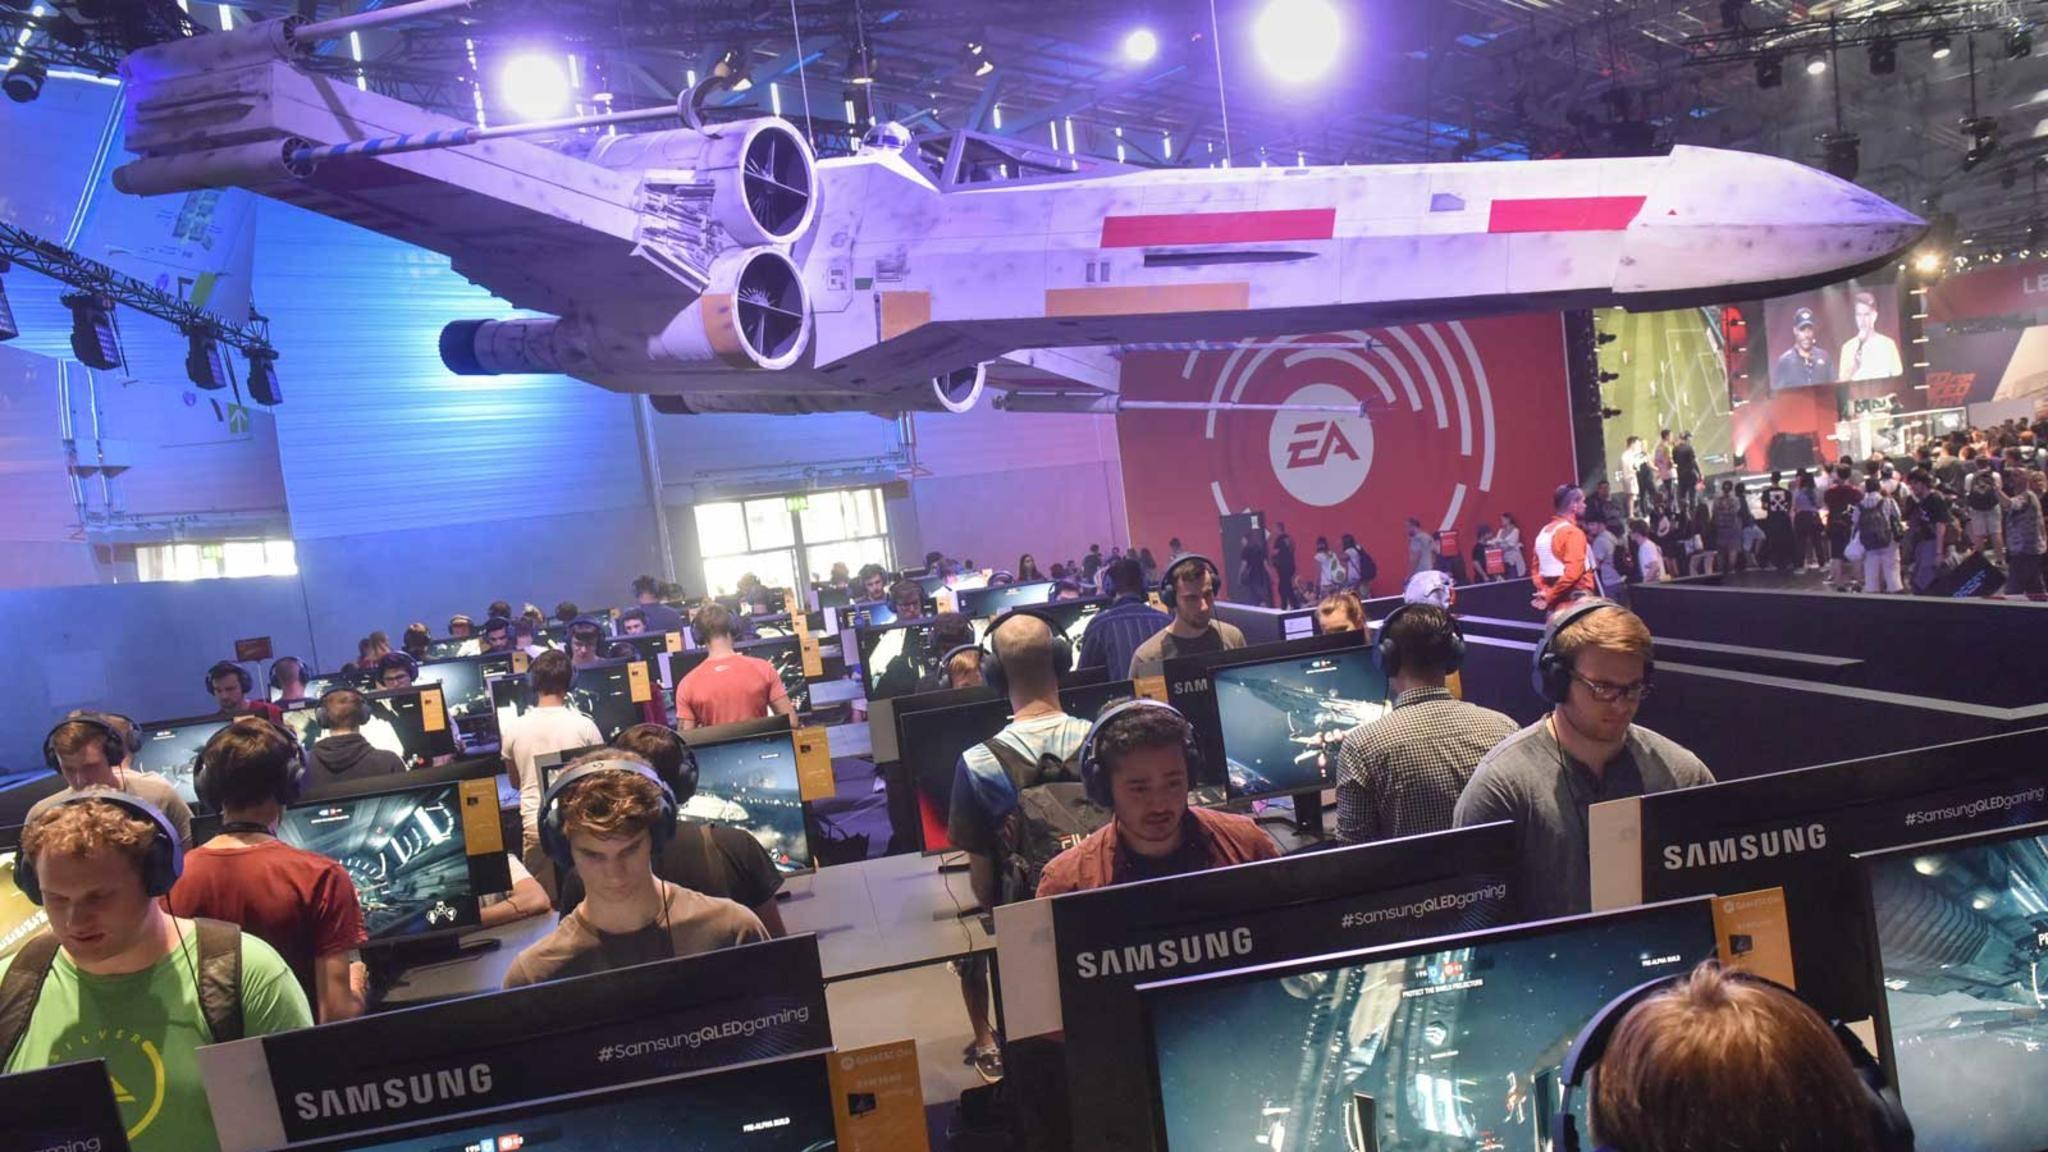 Der Stand von Electronic Arts auf der Gamescom war gut besucht.